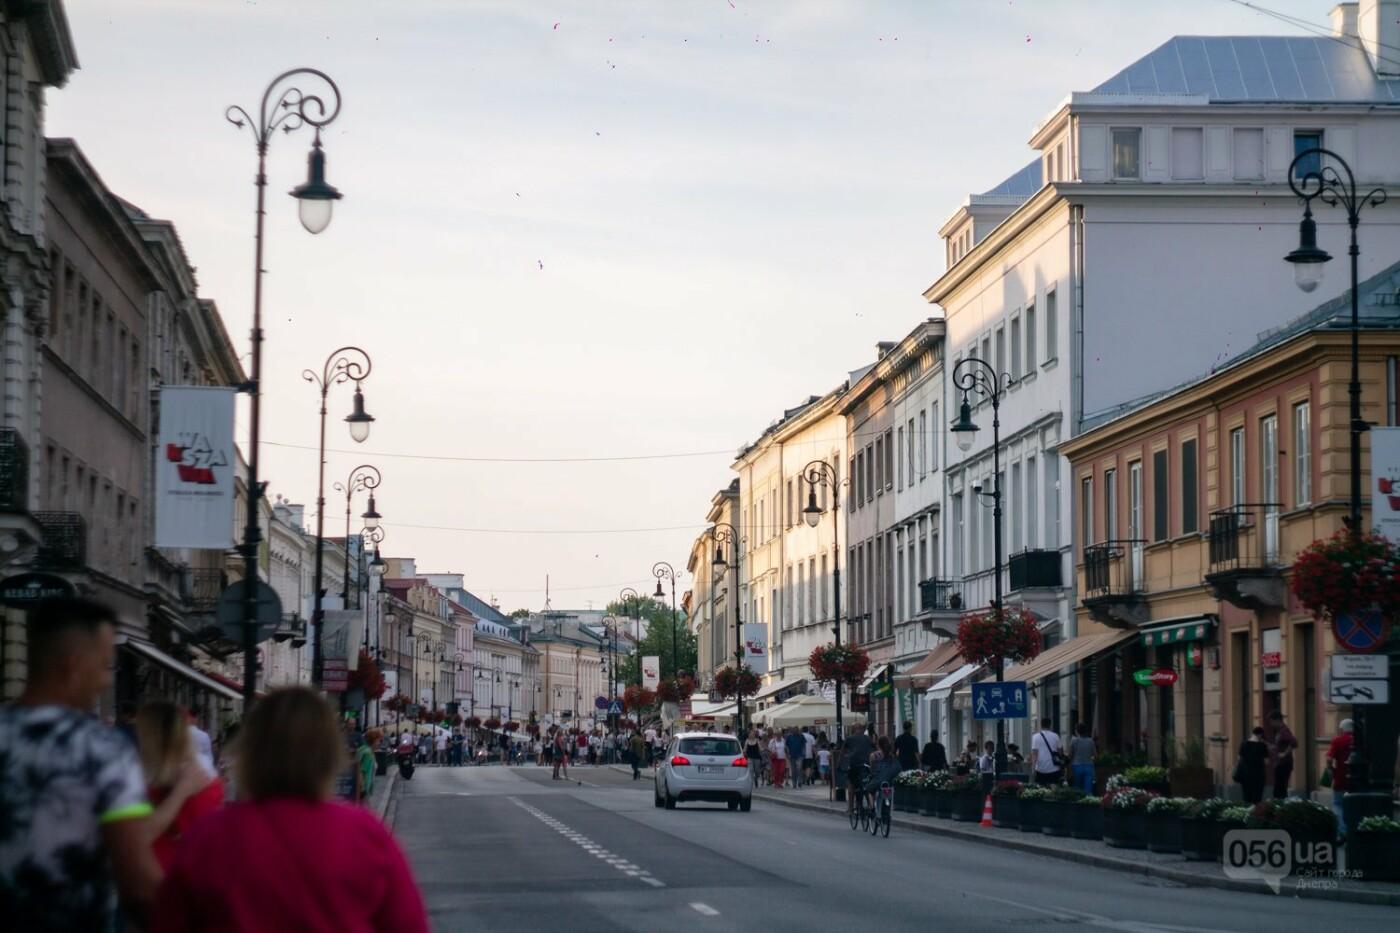 Волшебный Старый город, огромный зоопарк и сад на крыше: где жить, что есть и куда ходить в Варшаве, - ФОТО, фото-1